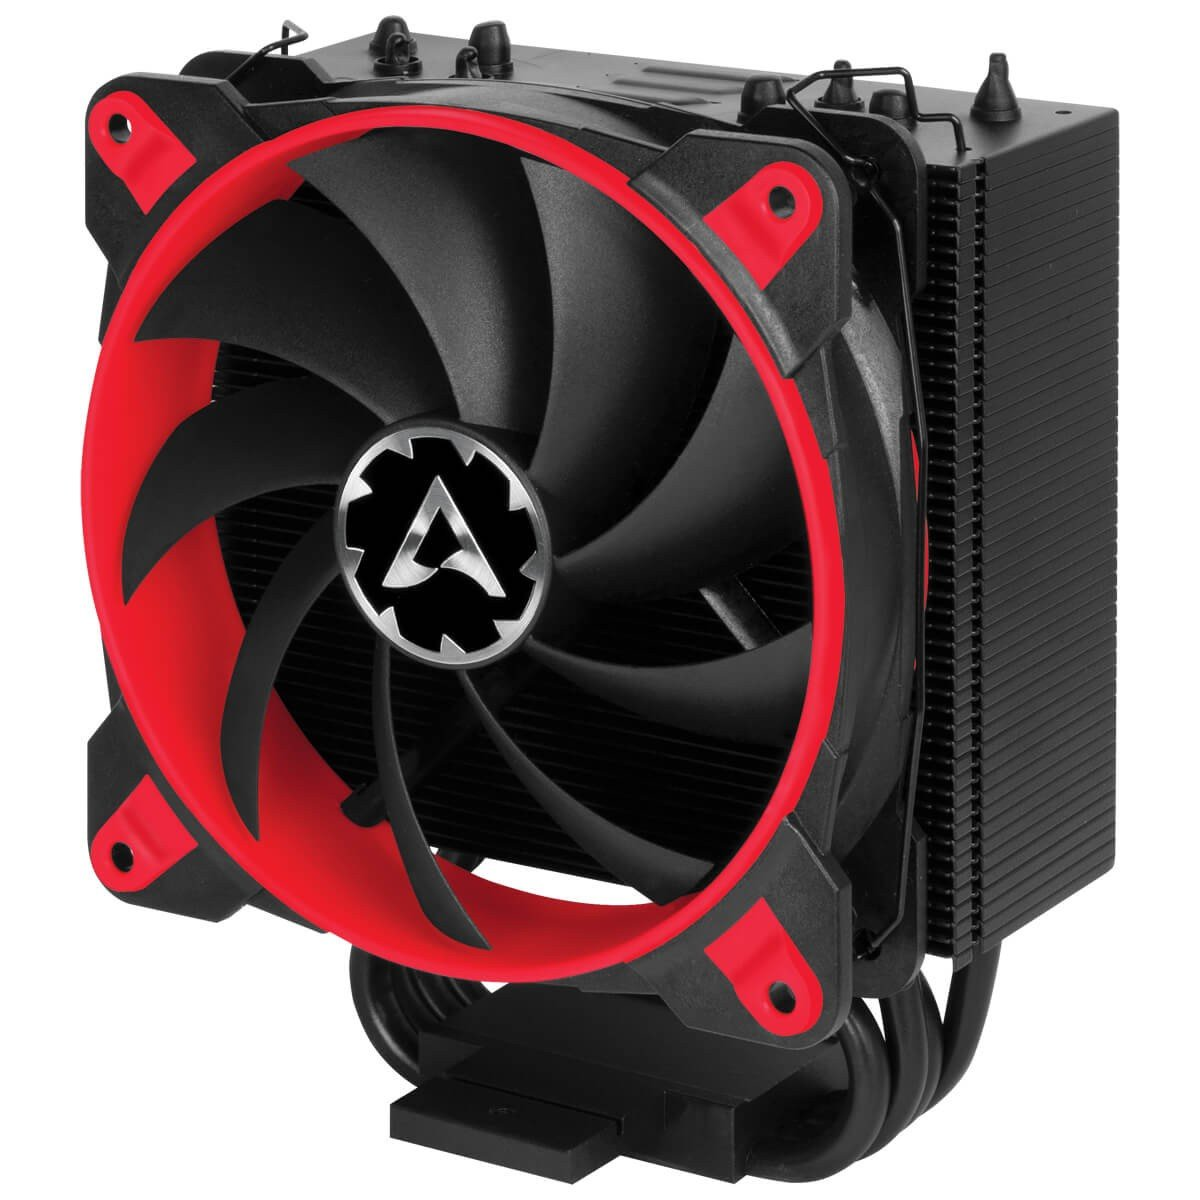 ARCTIC Freezer 33 TR - Tower CPU Cooler AMD Ryzen, Threadripper, sTR4 I  Silent 3-Phase-Motor Wide Range Regulation 200 to 1800 RPM - Red